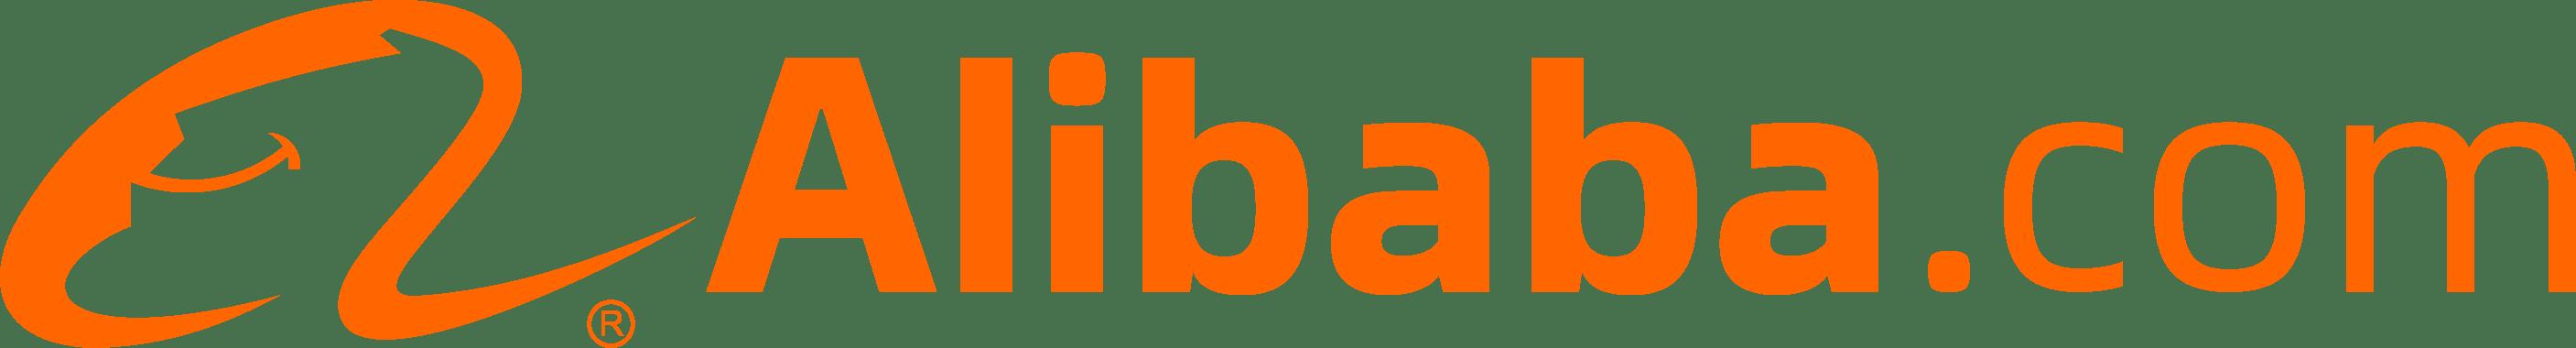 wb-header-logo